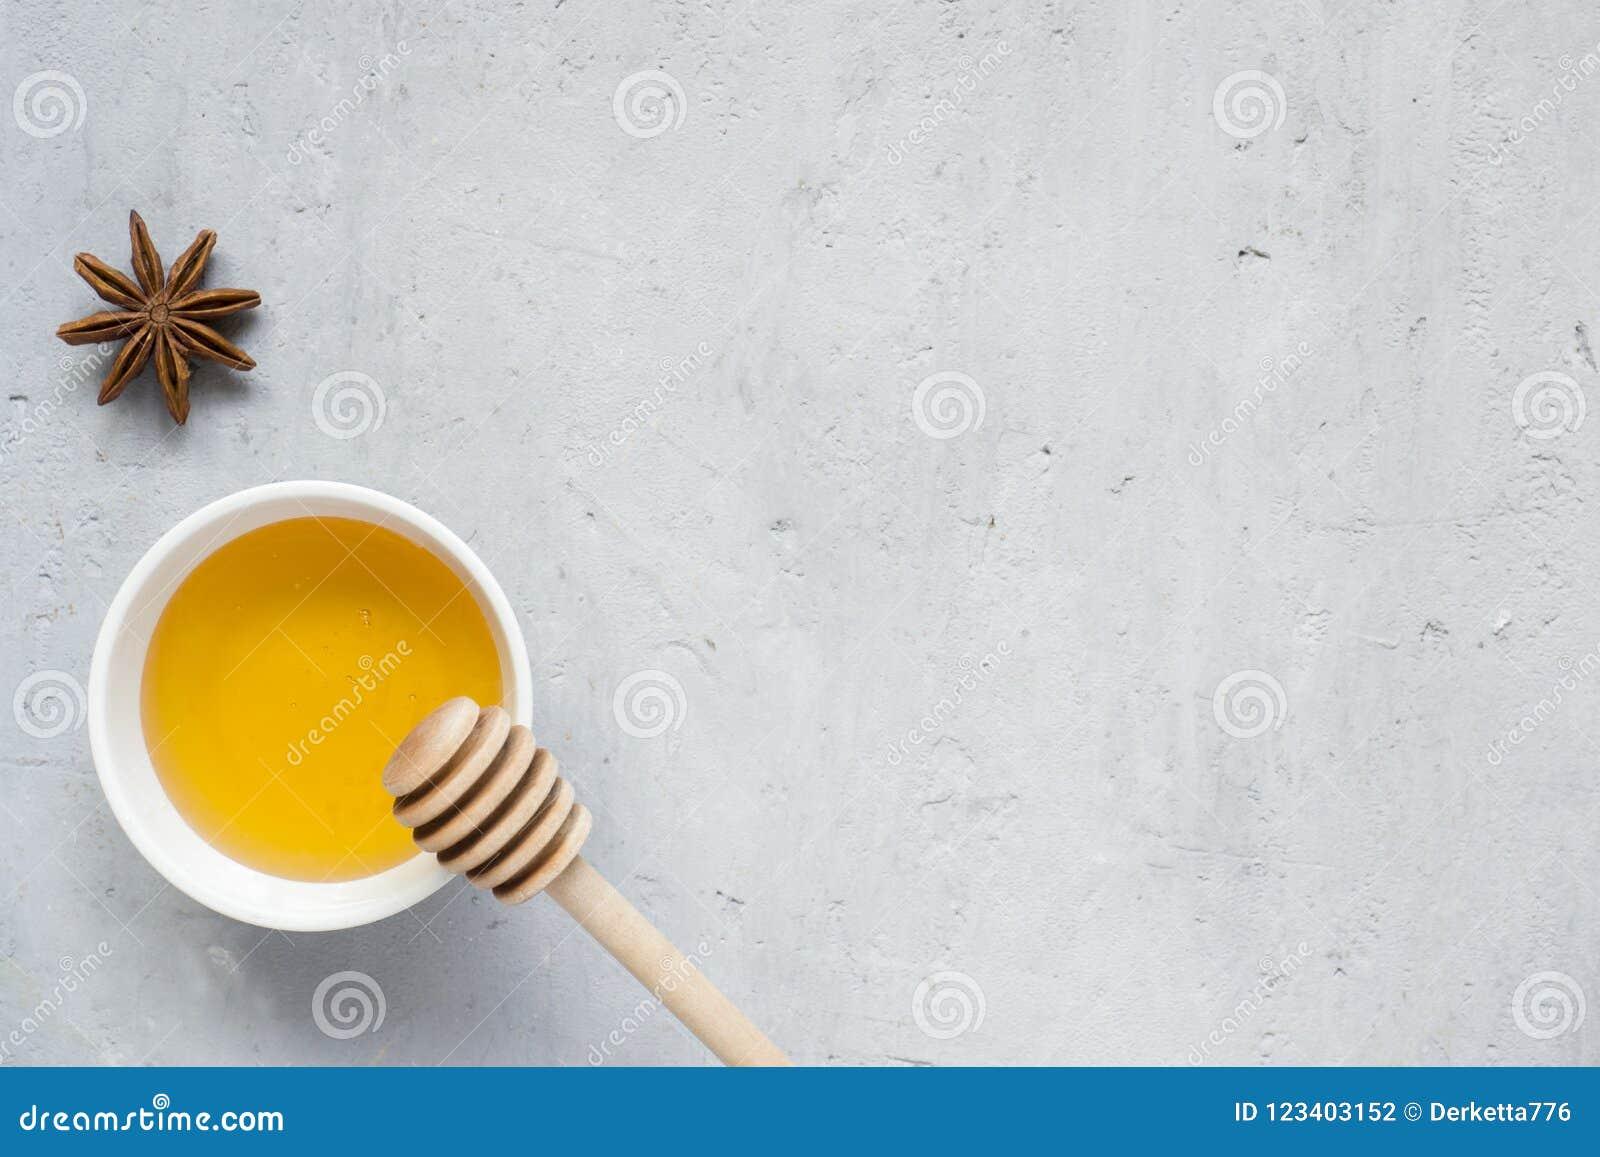 Miel liquide, et étoile d anis sur un fond clair Copiez l espace pour le texte